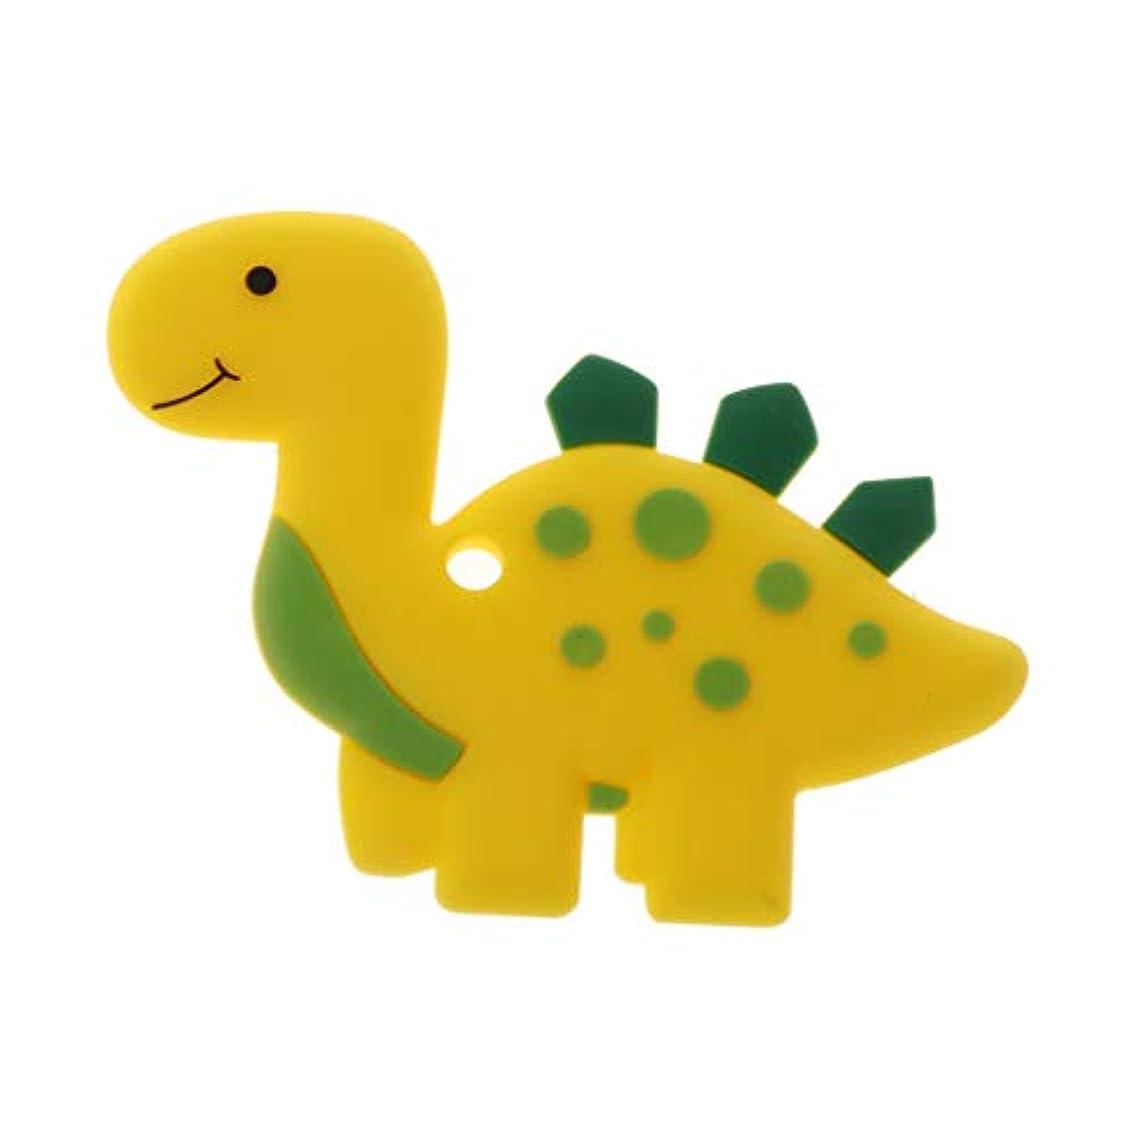 サポート故国びっくりLanddumシリコーンおしゃぶり恐竜おしゃべり赤ちゃん看護玩具かむ玩具歯が生えるガラガラおもちゃ - ロイヤルブルー